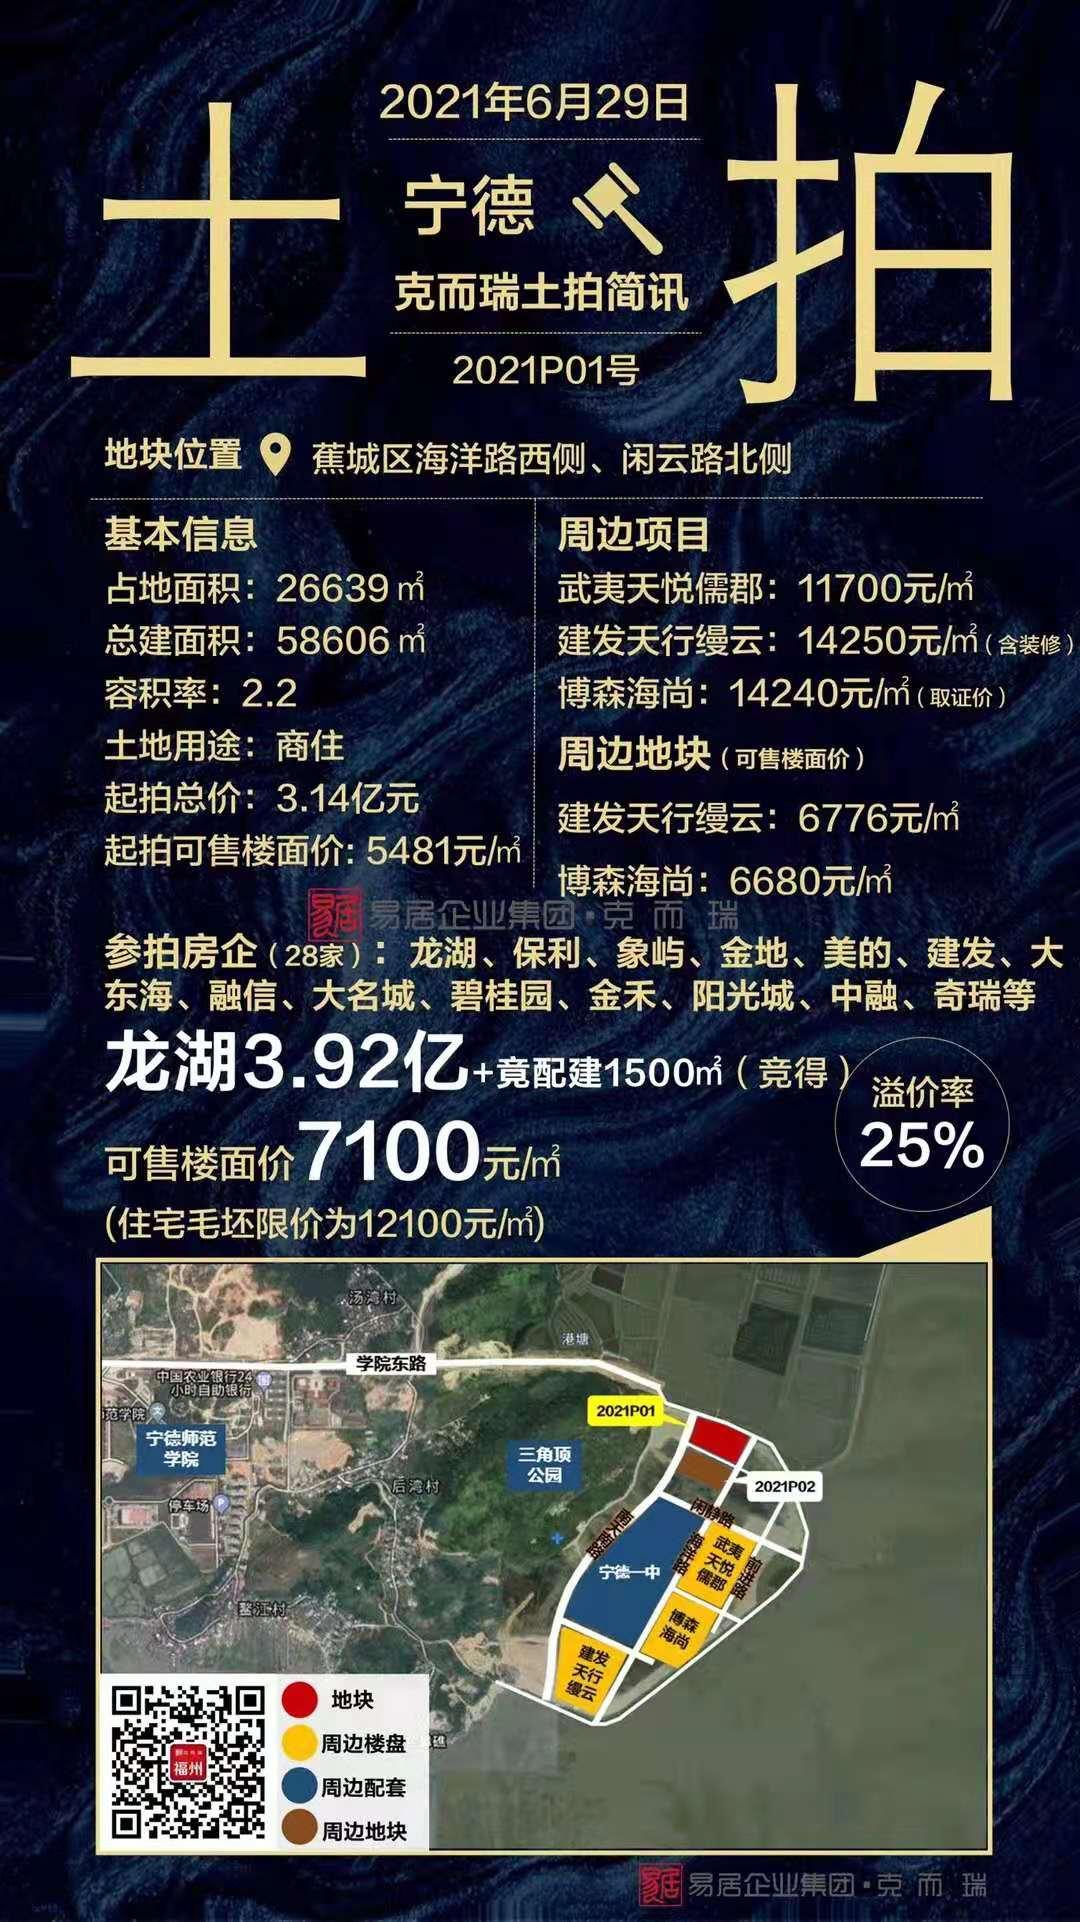 龙湖3.92亿+配建1500平住